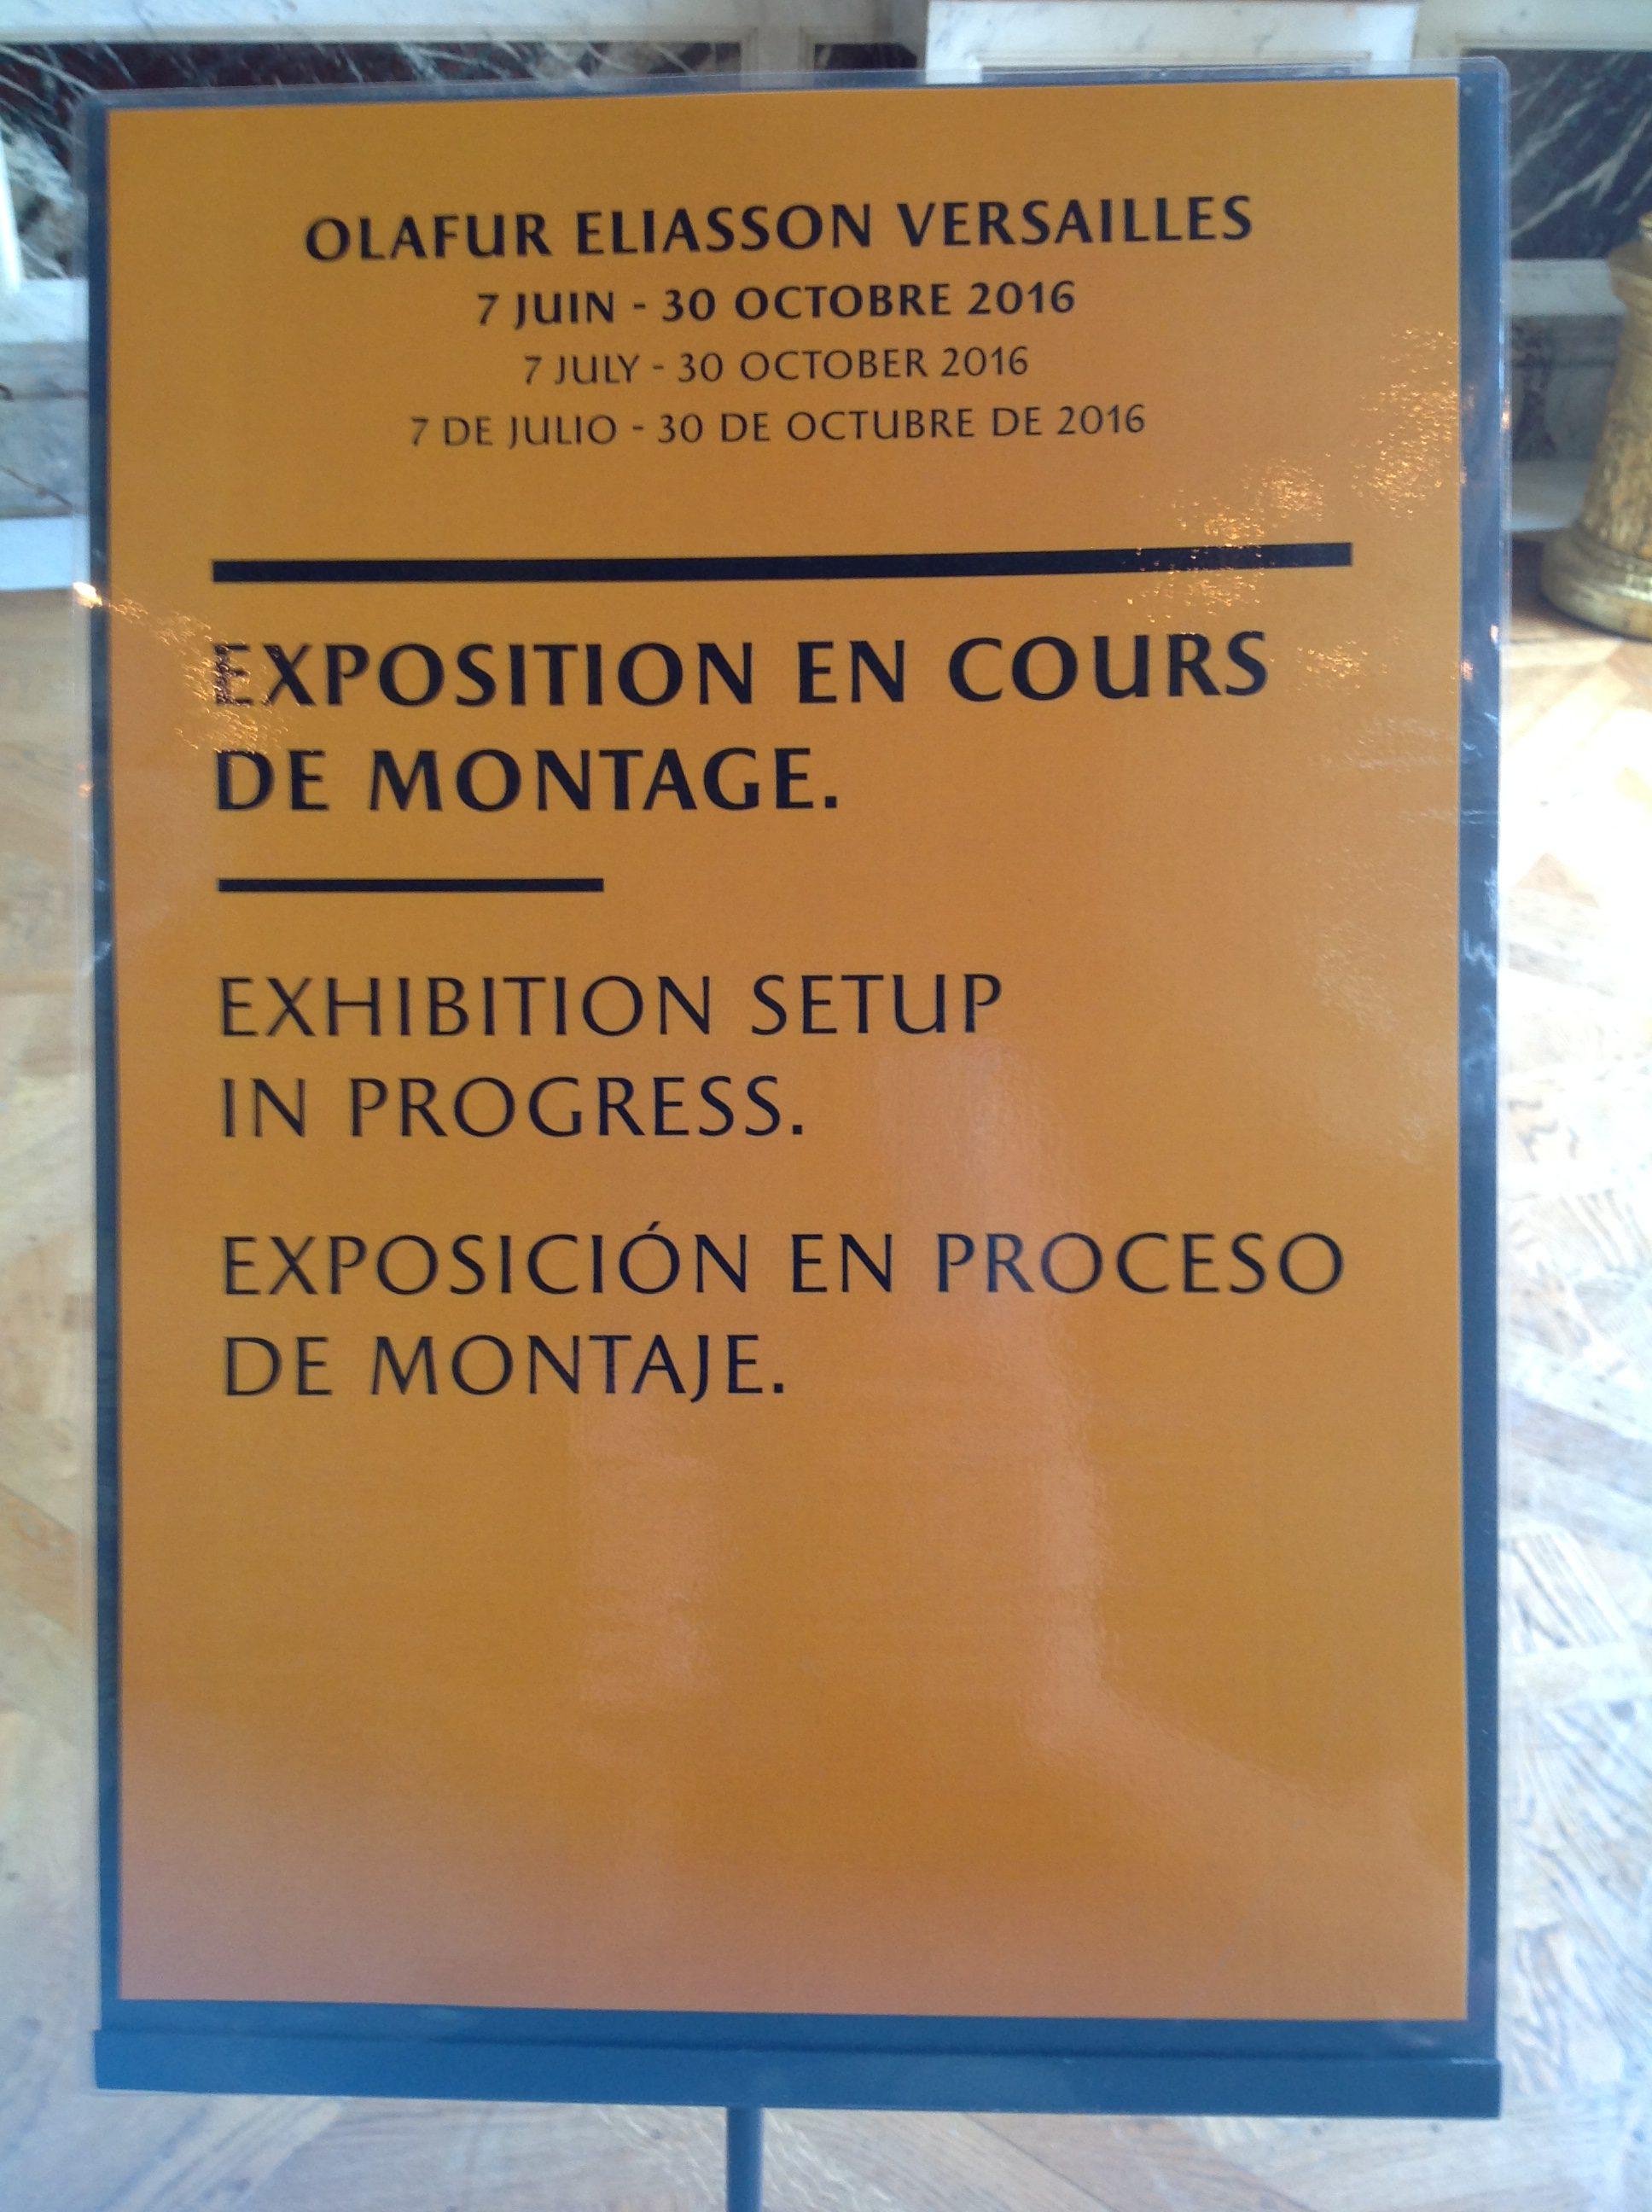 Olafur Eliasson à Versailles : J-3 avant l'ouverture - Photo : Vincent Laganier